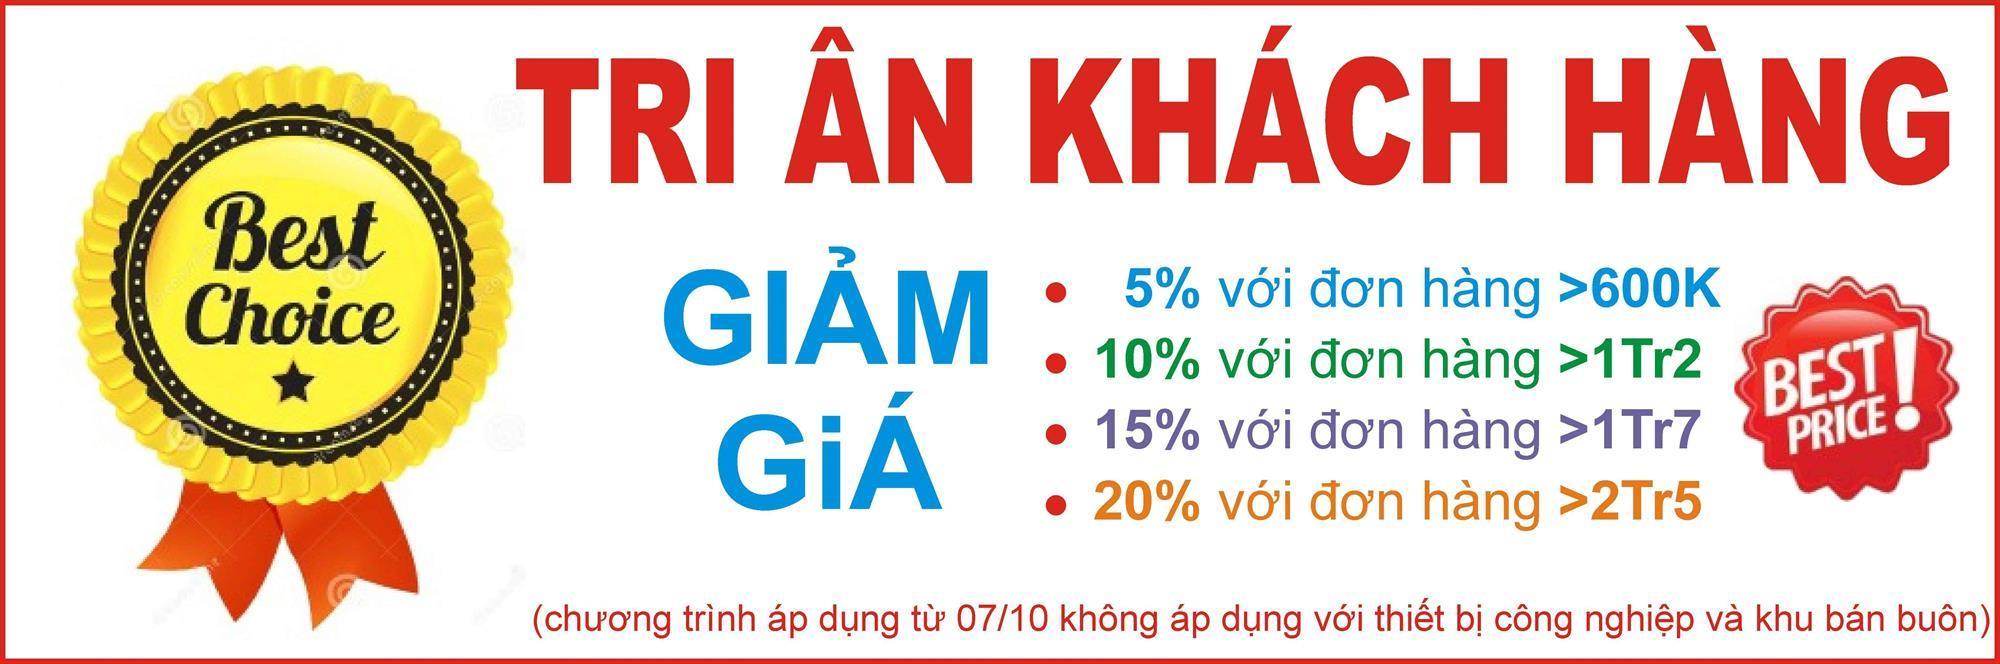 tri an khach hang